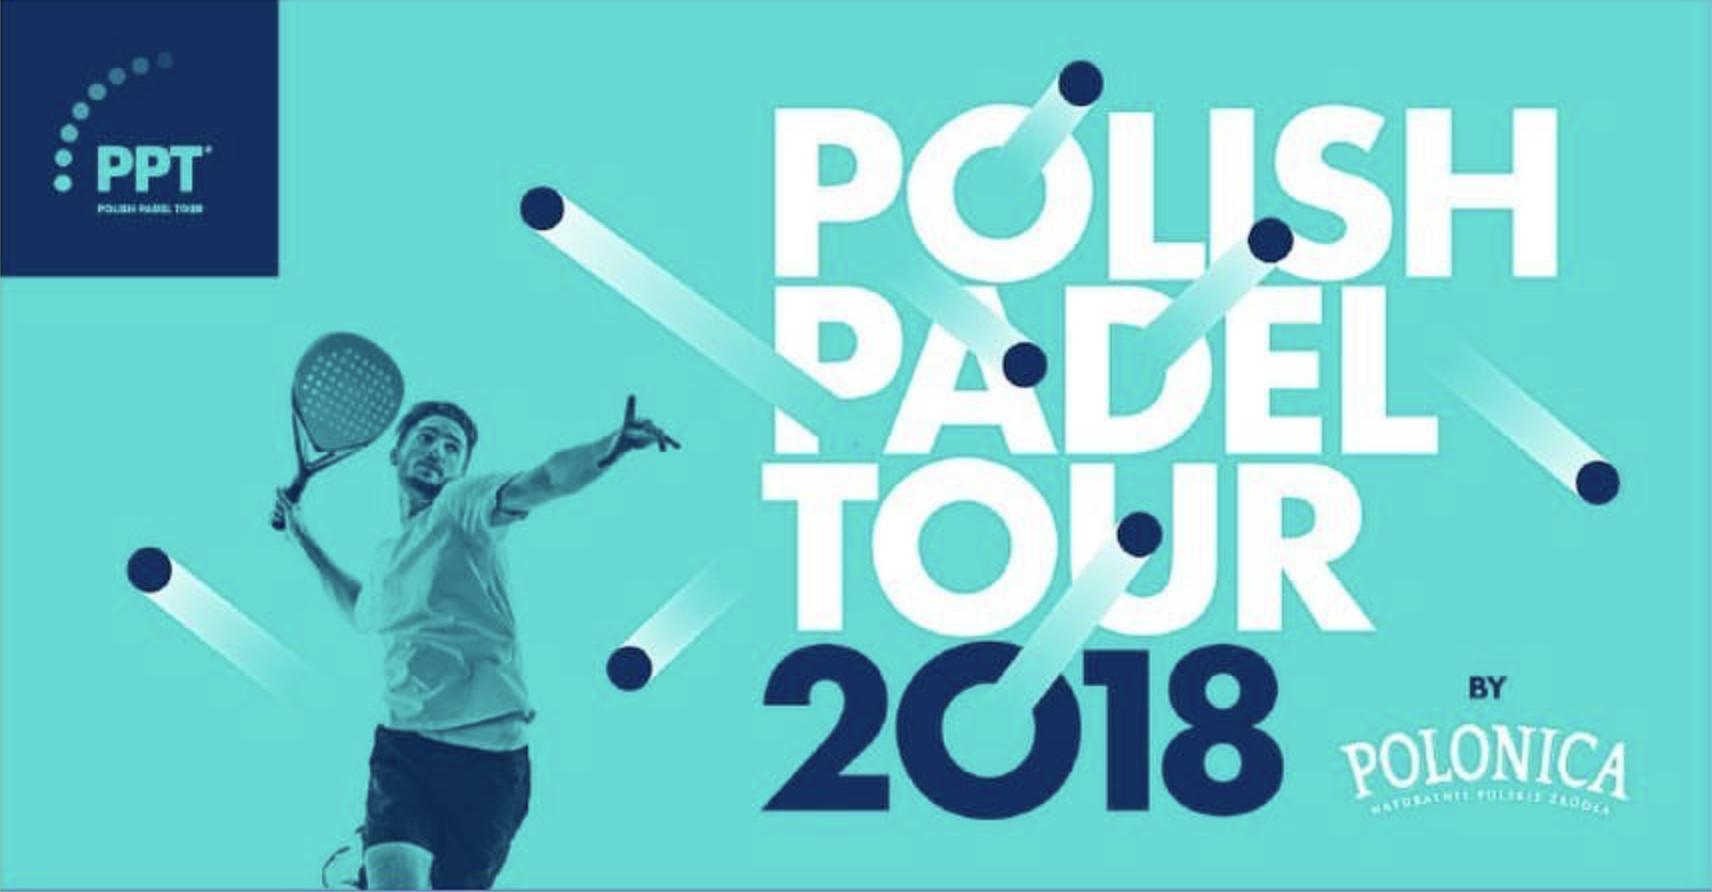 Polish Padel Tour 2018